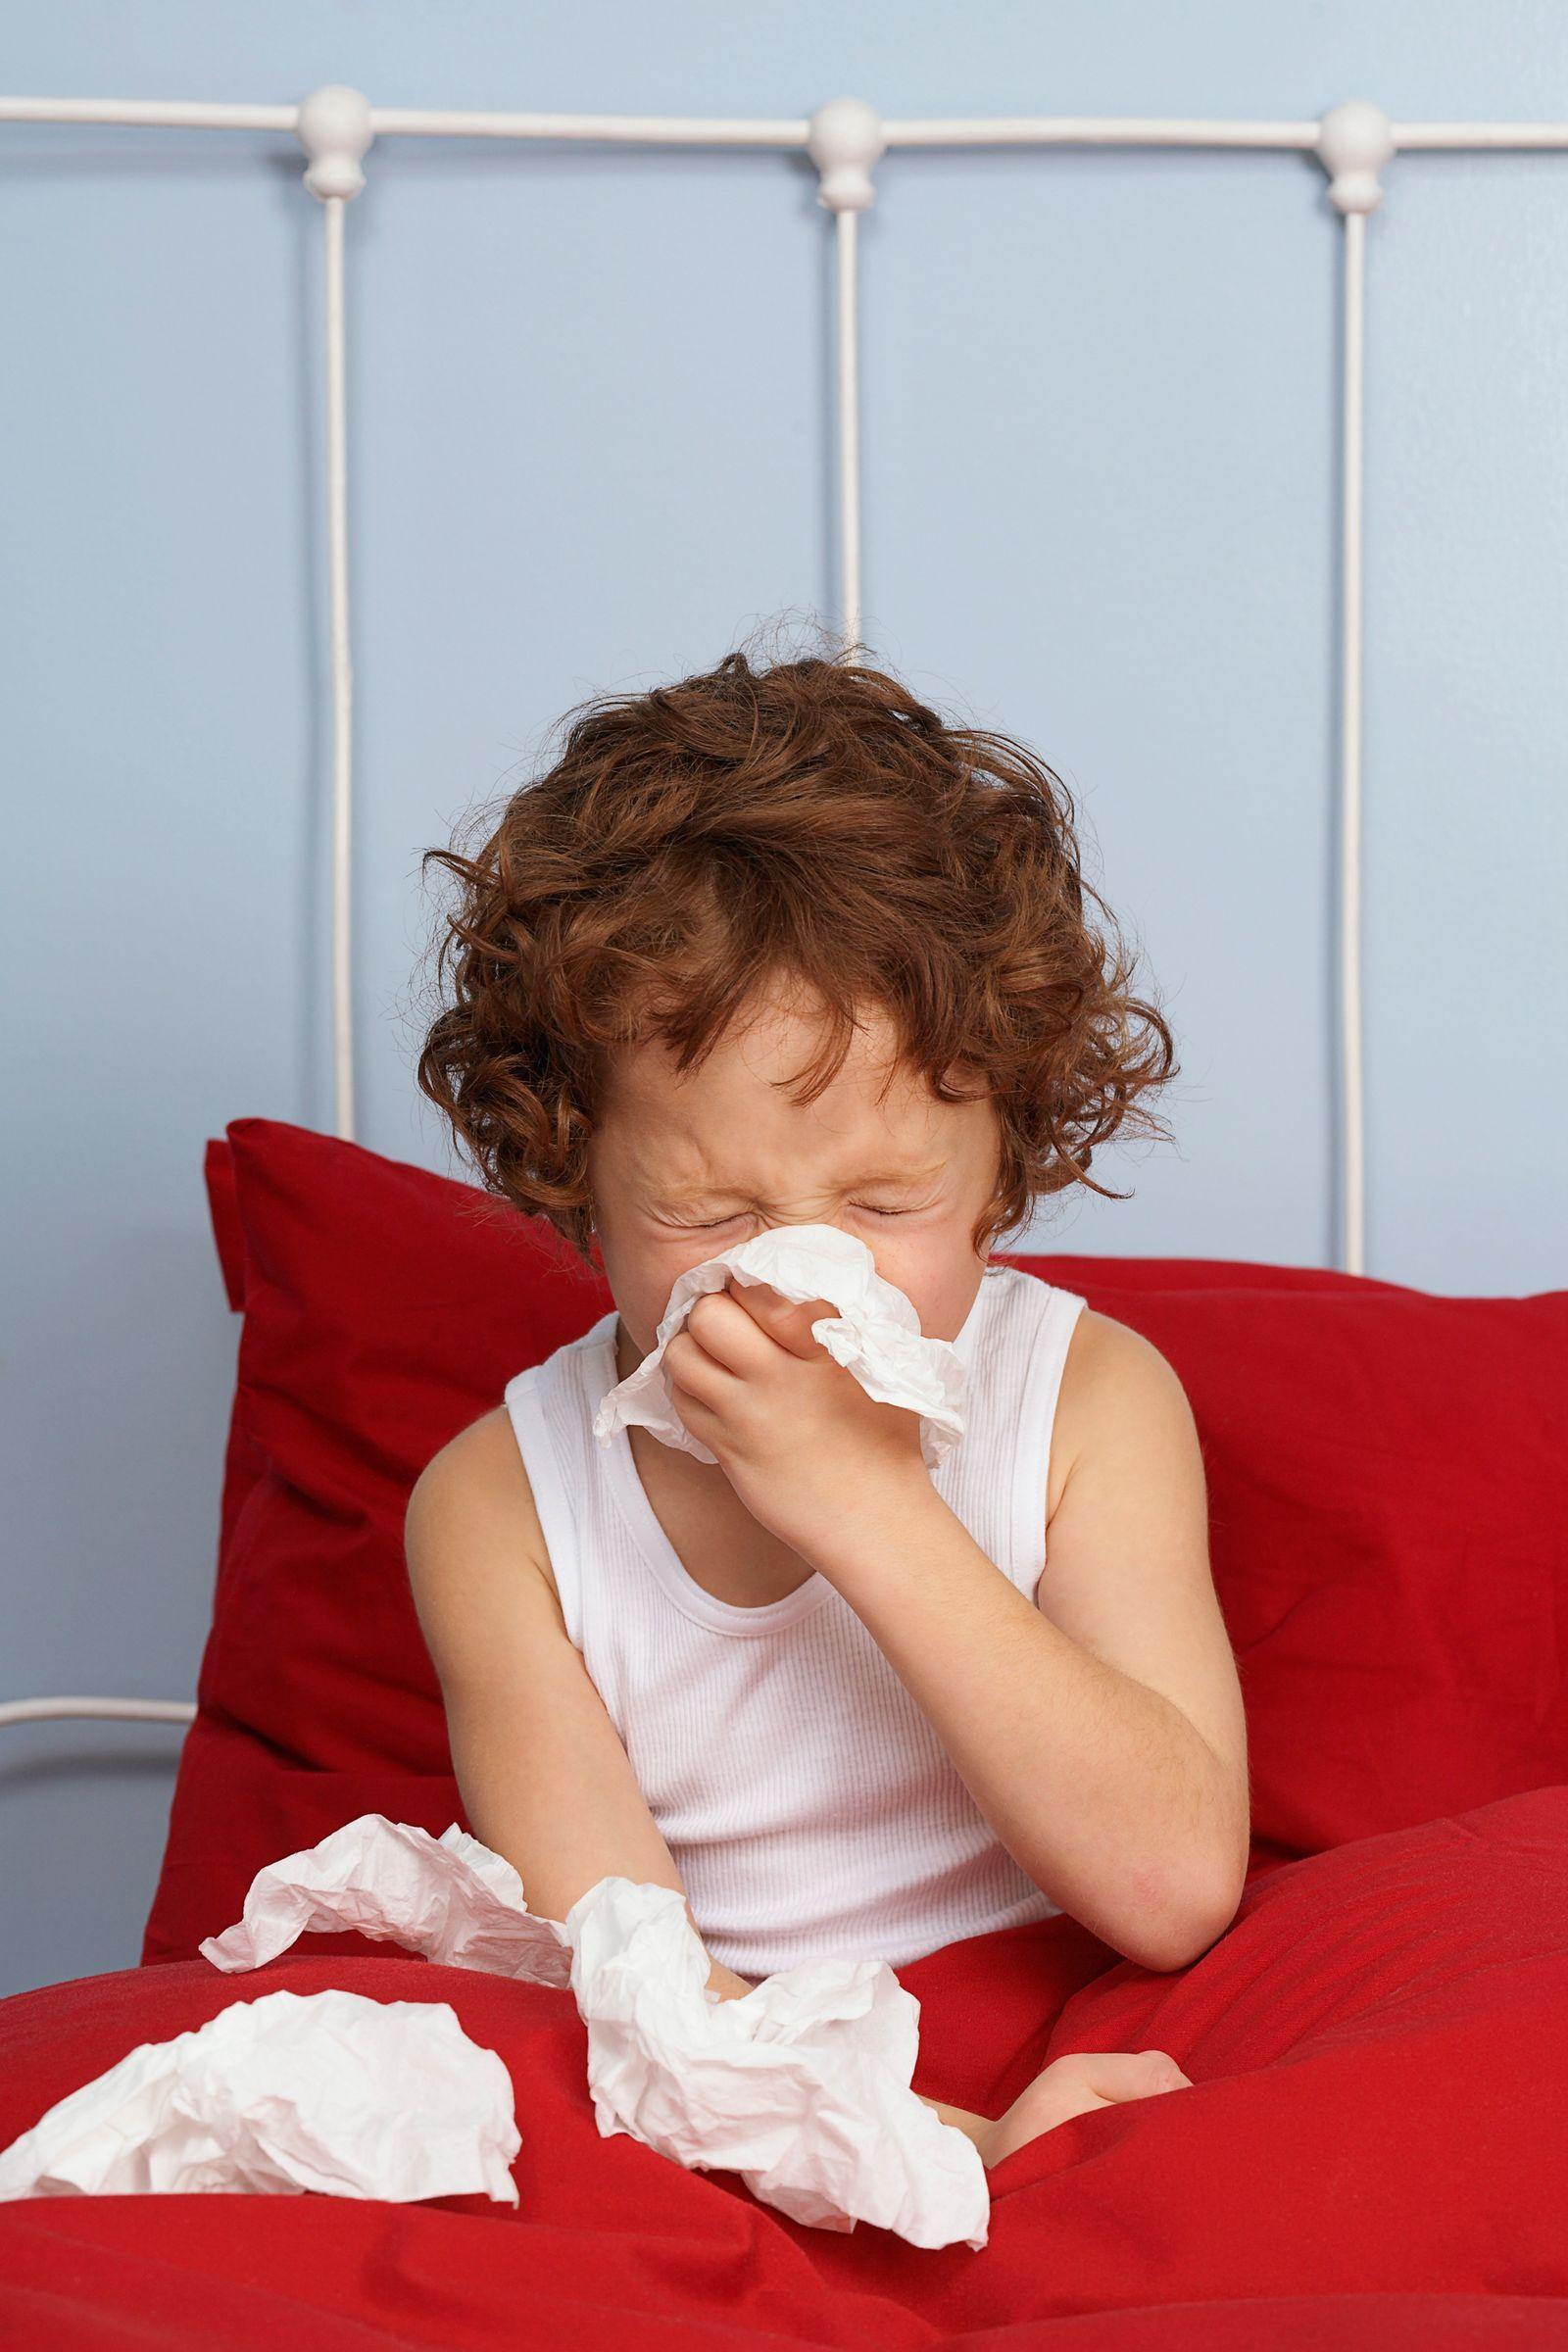 NICHT MEHR VERWENDEN! - Grippe/ Erkältung/ Niesen/ Influenza